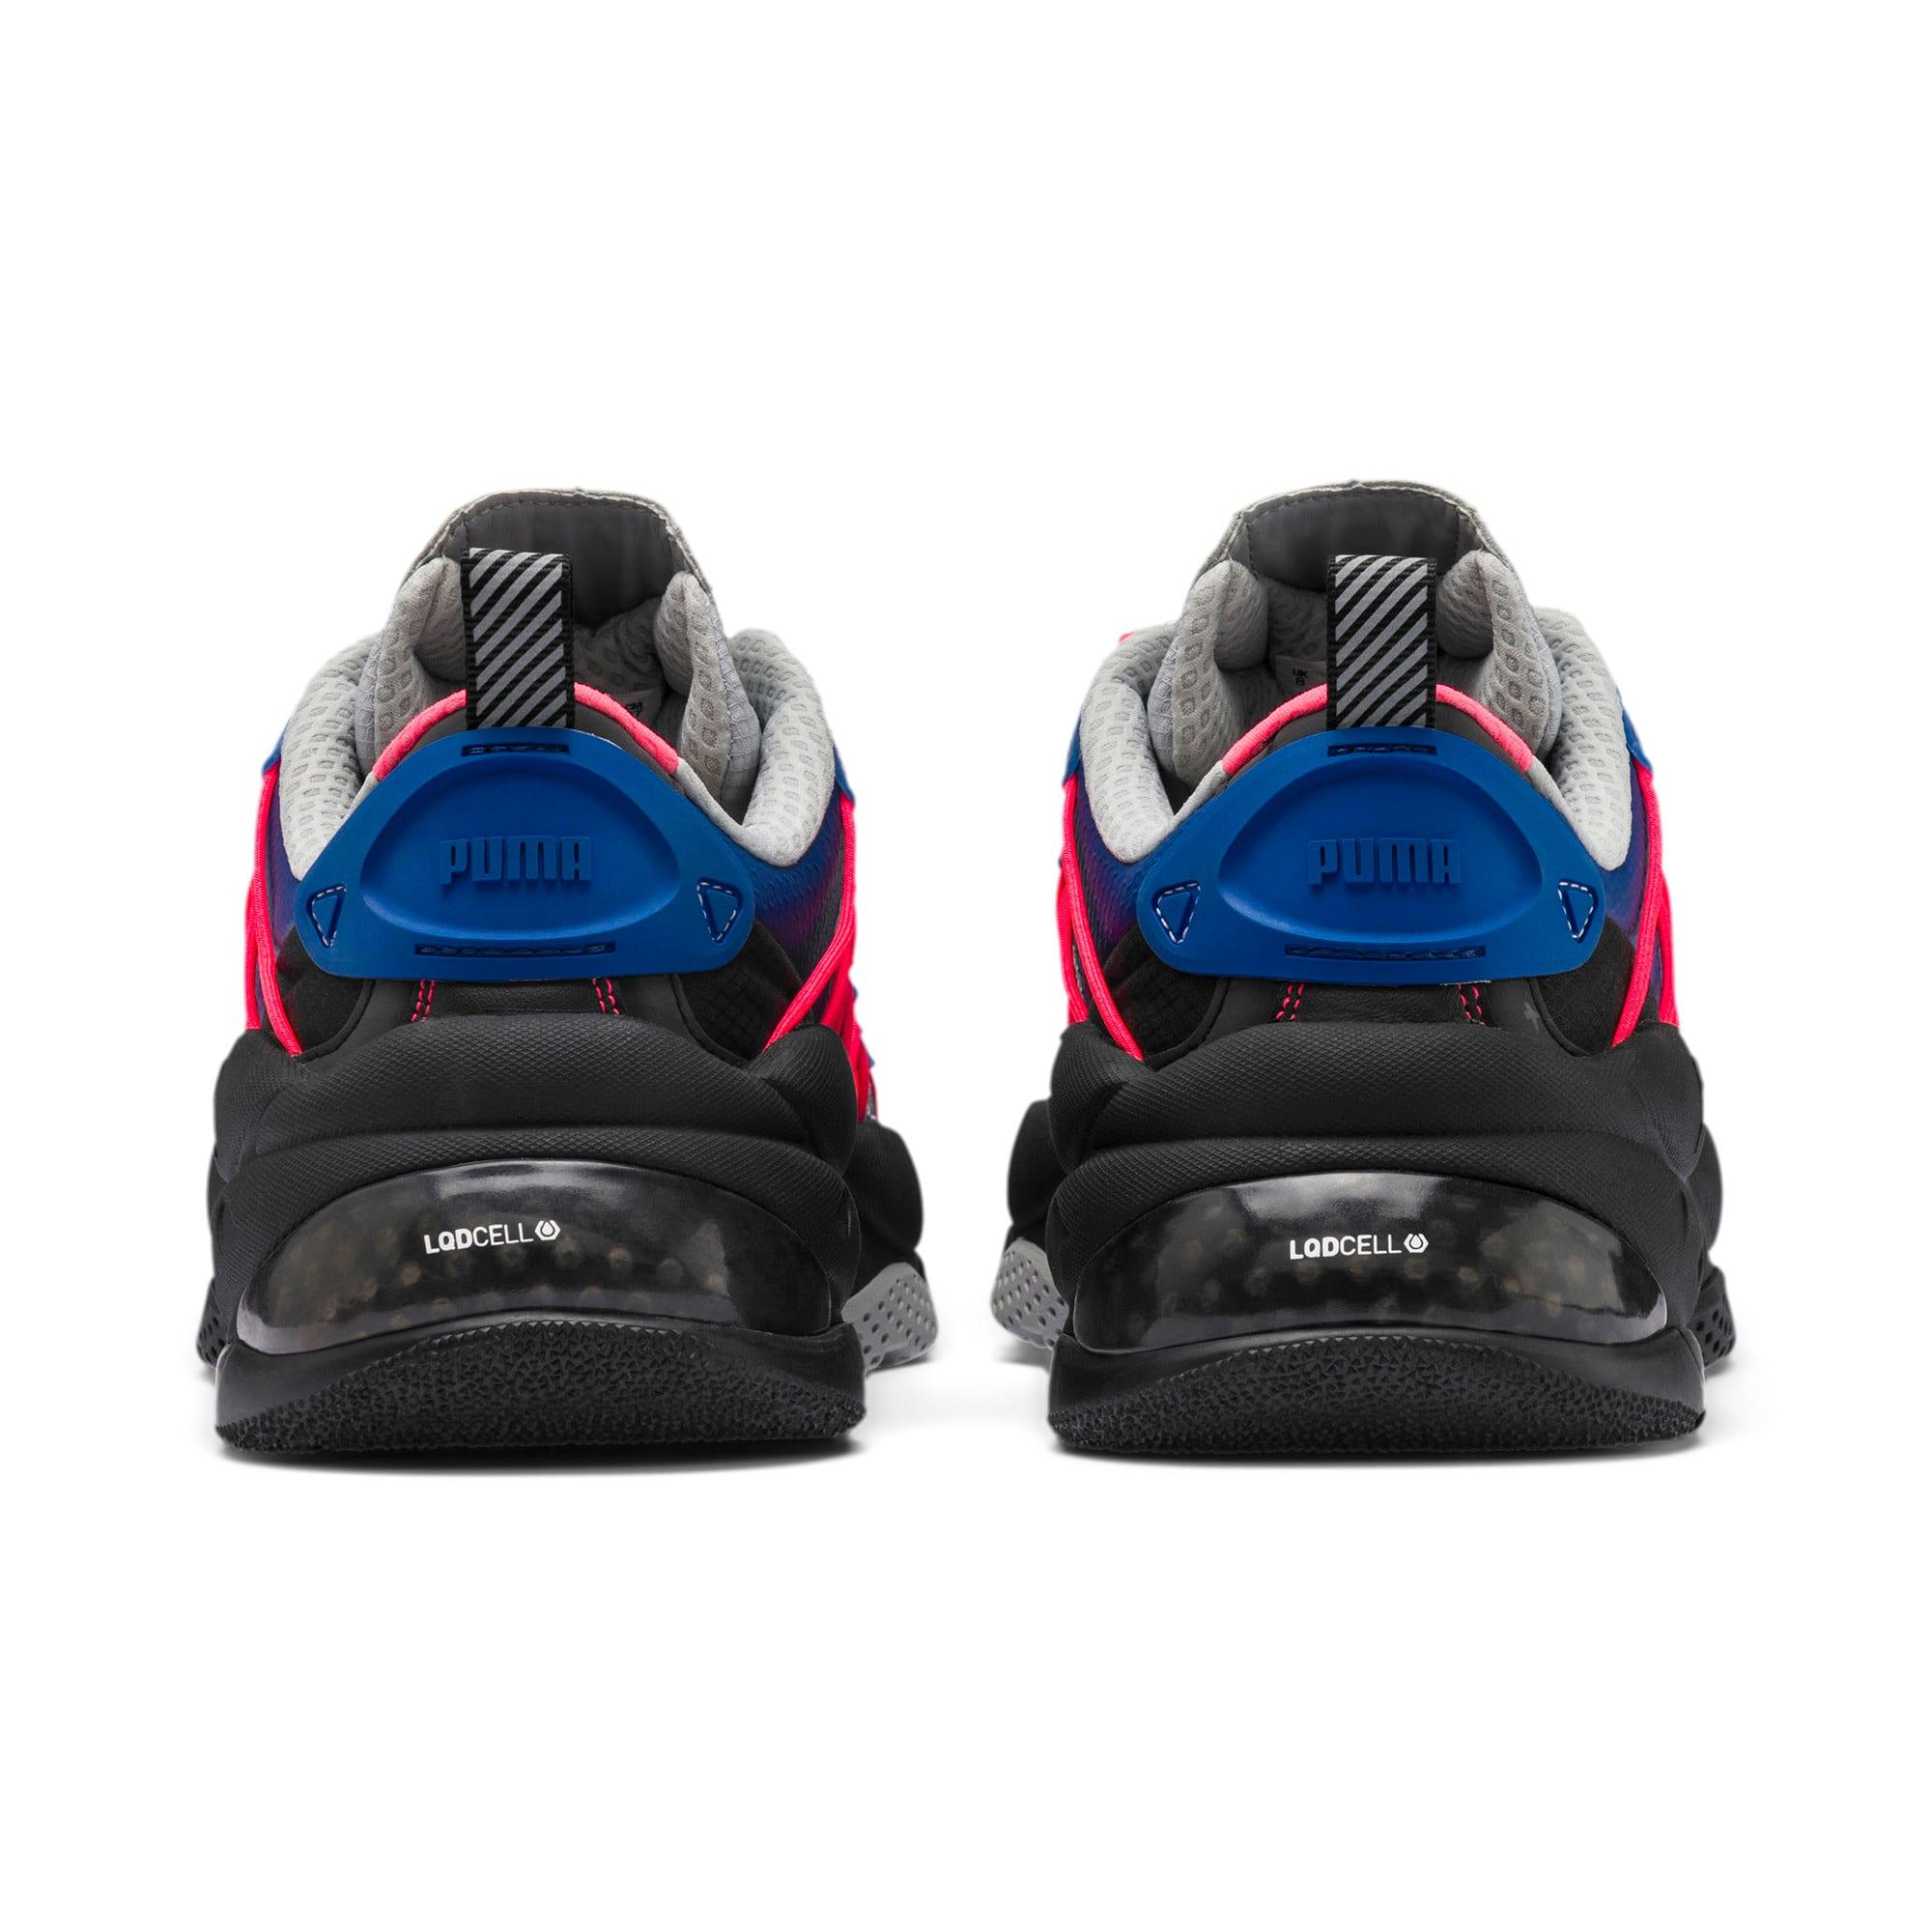 Thumbnail 3 of LQDCELL Omega Lab Training Shoes, Puma Black-Galaxy Blue, medium